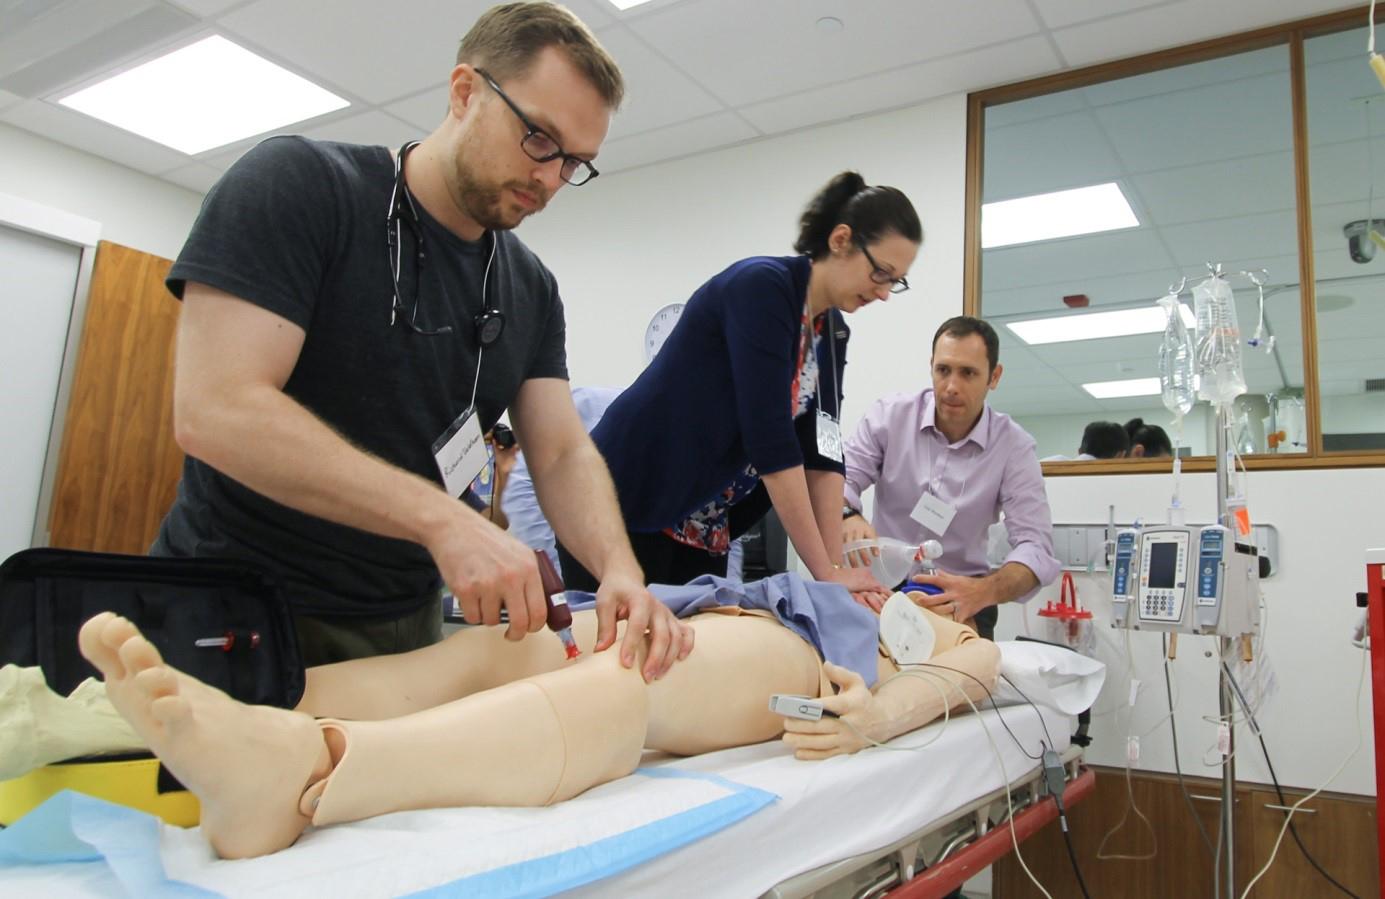 اخذ پذیرش از دانشگاه های پزشکی کانادا